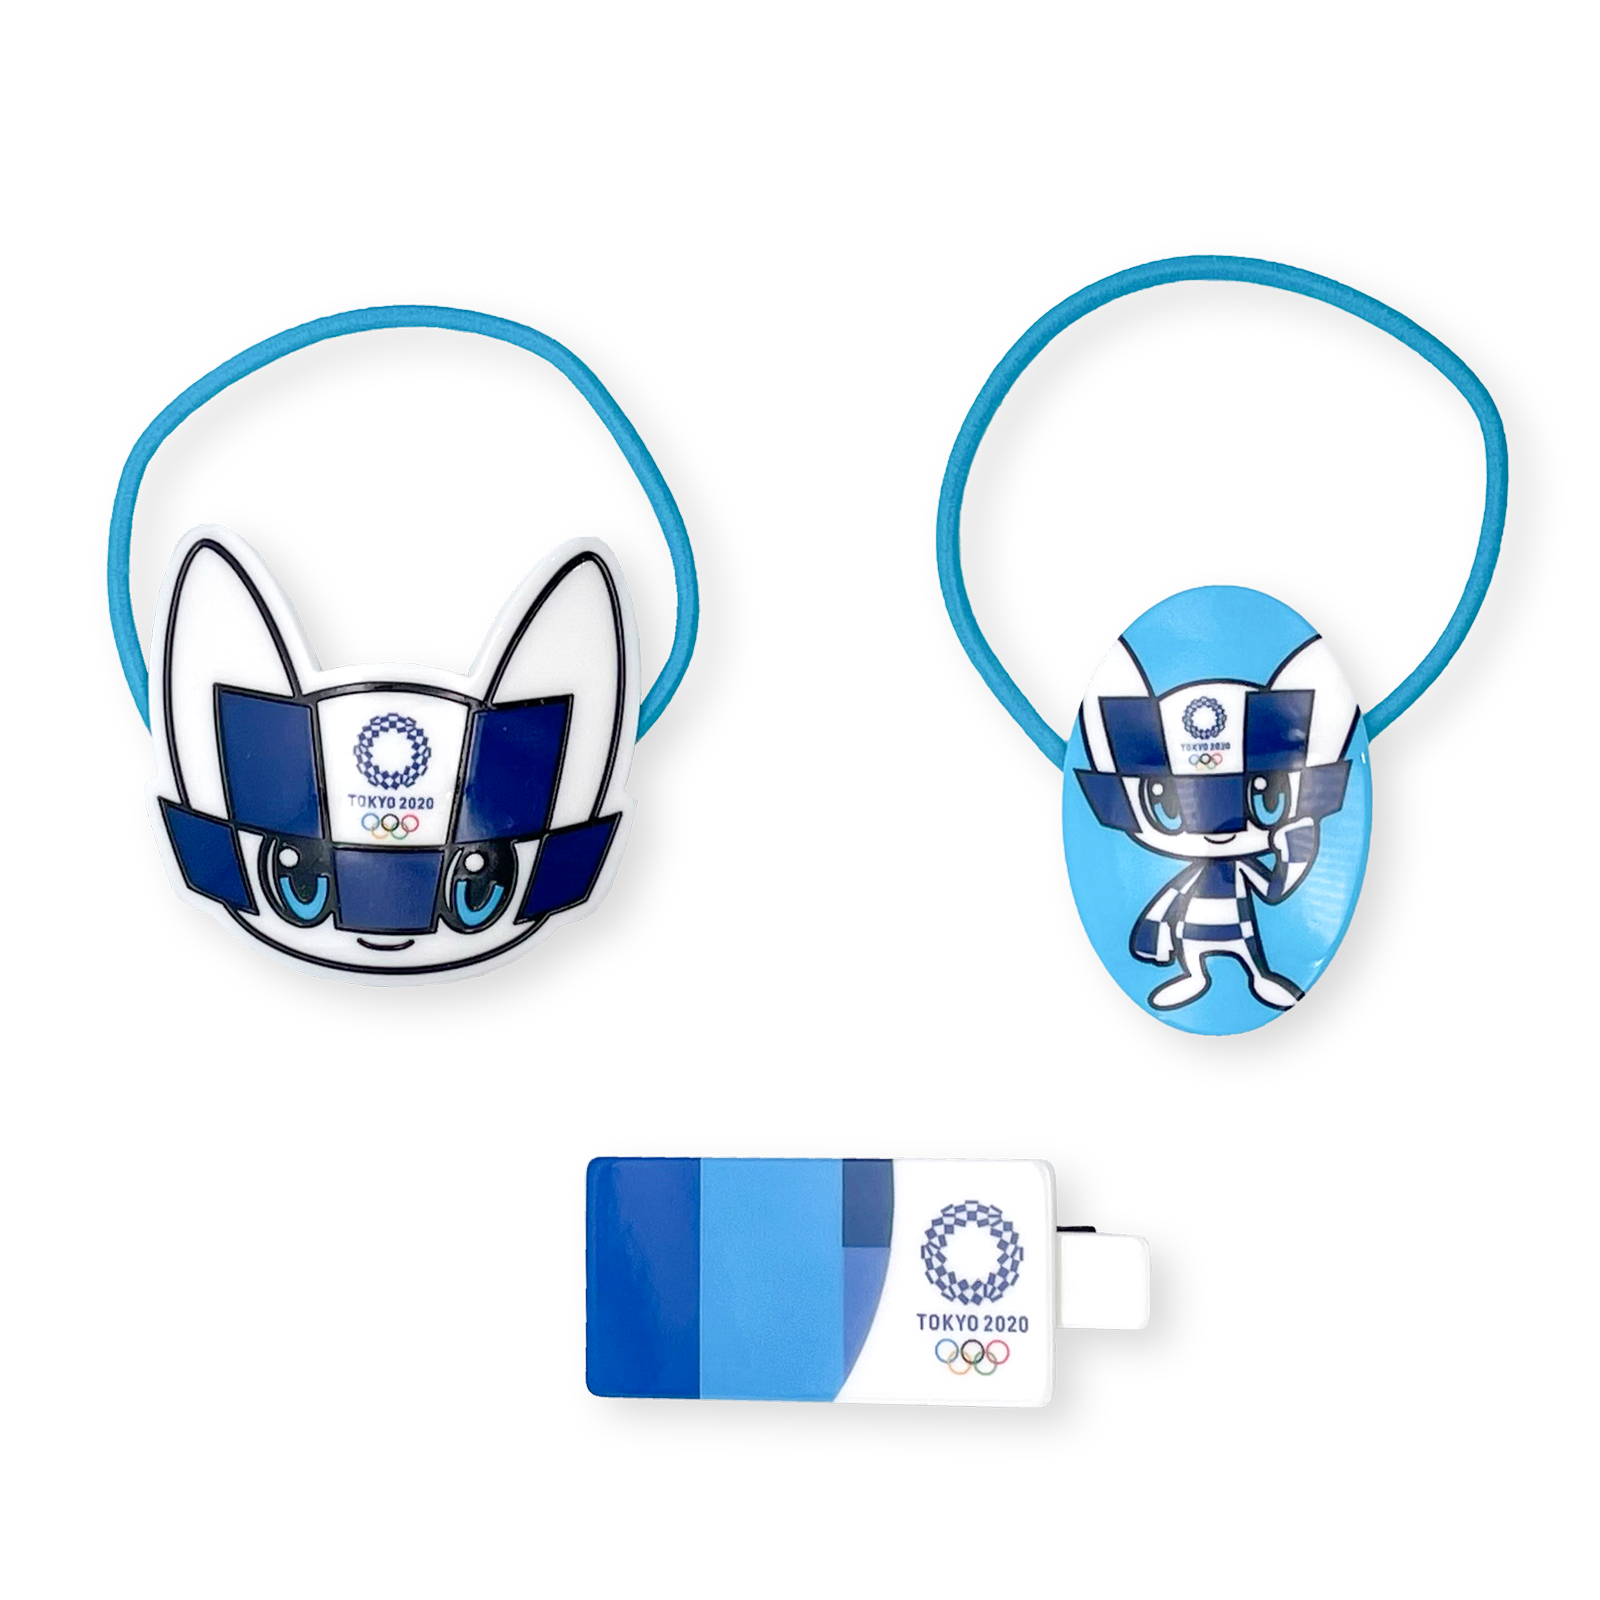 【セール価格】東京2020オリンピックマスコットアクリルヘアアクセサリーセット